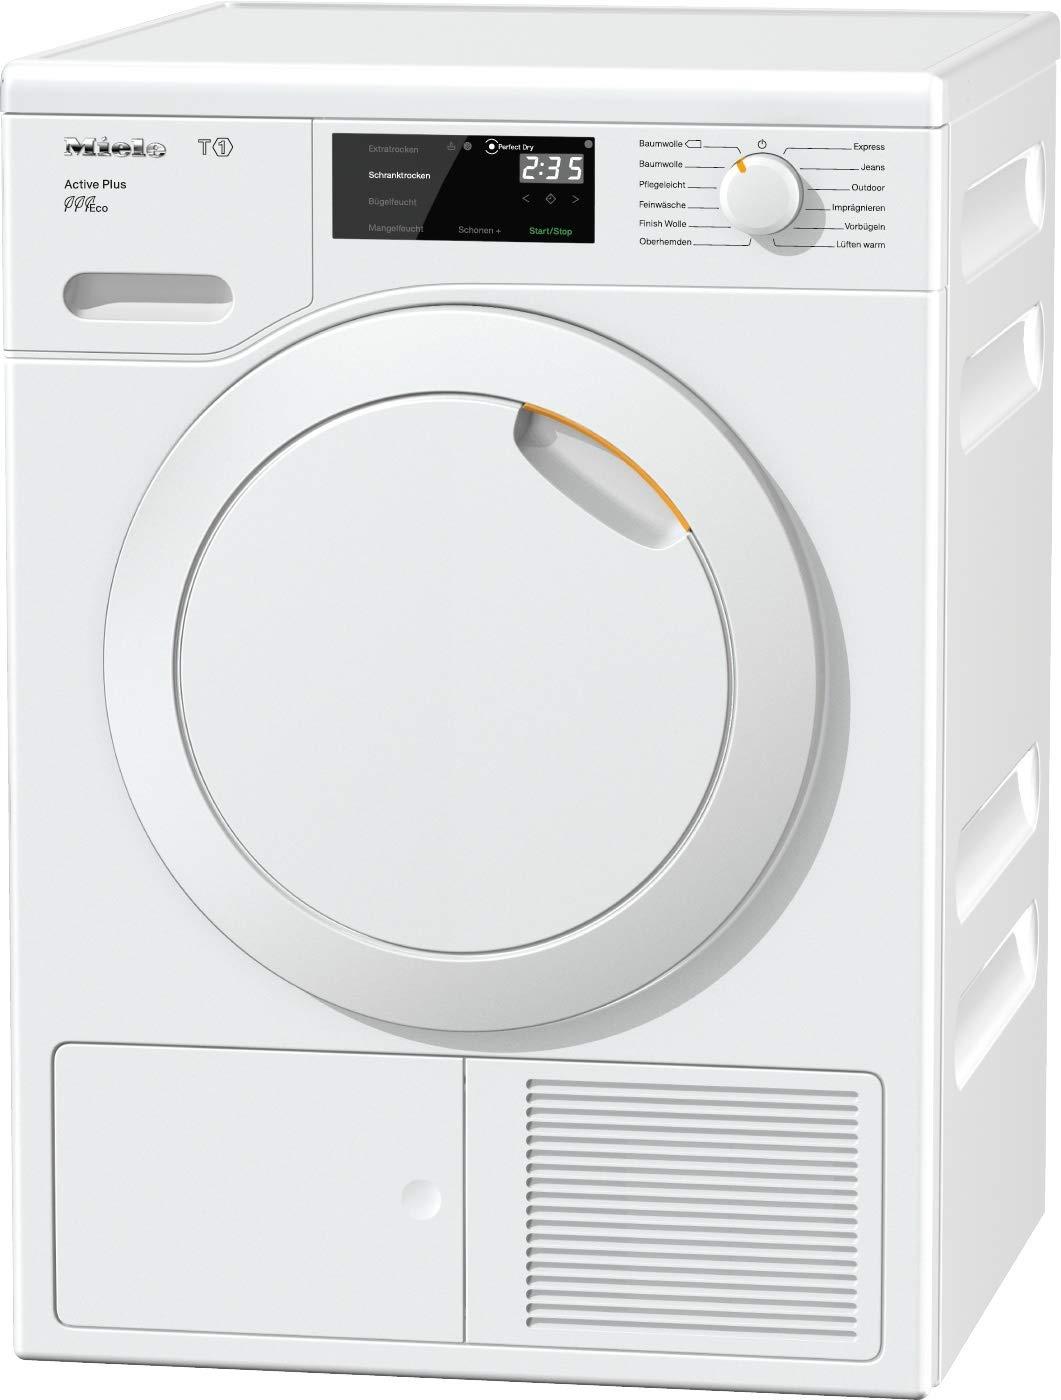 Miele TCE 520 WP Active Plus Wärmepumpentrockner/A+++ (171kWh/Jahr)/mit 8kg Schontrommel/mit Duftflakon für frisch duftende Wäsche/Wäschetrockner mit Startvorwahl und Restzeitanzeige [Energieklasse A+++] 11037640